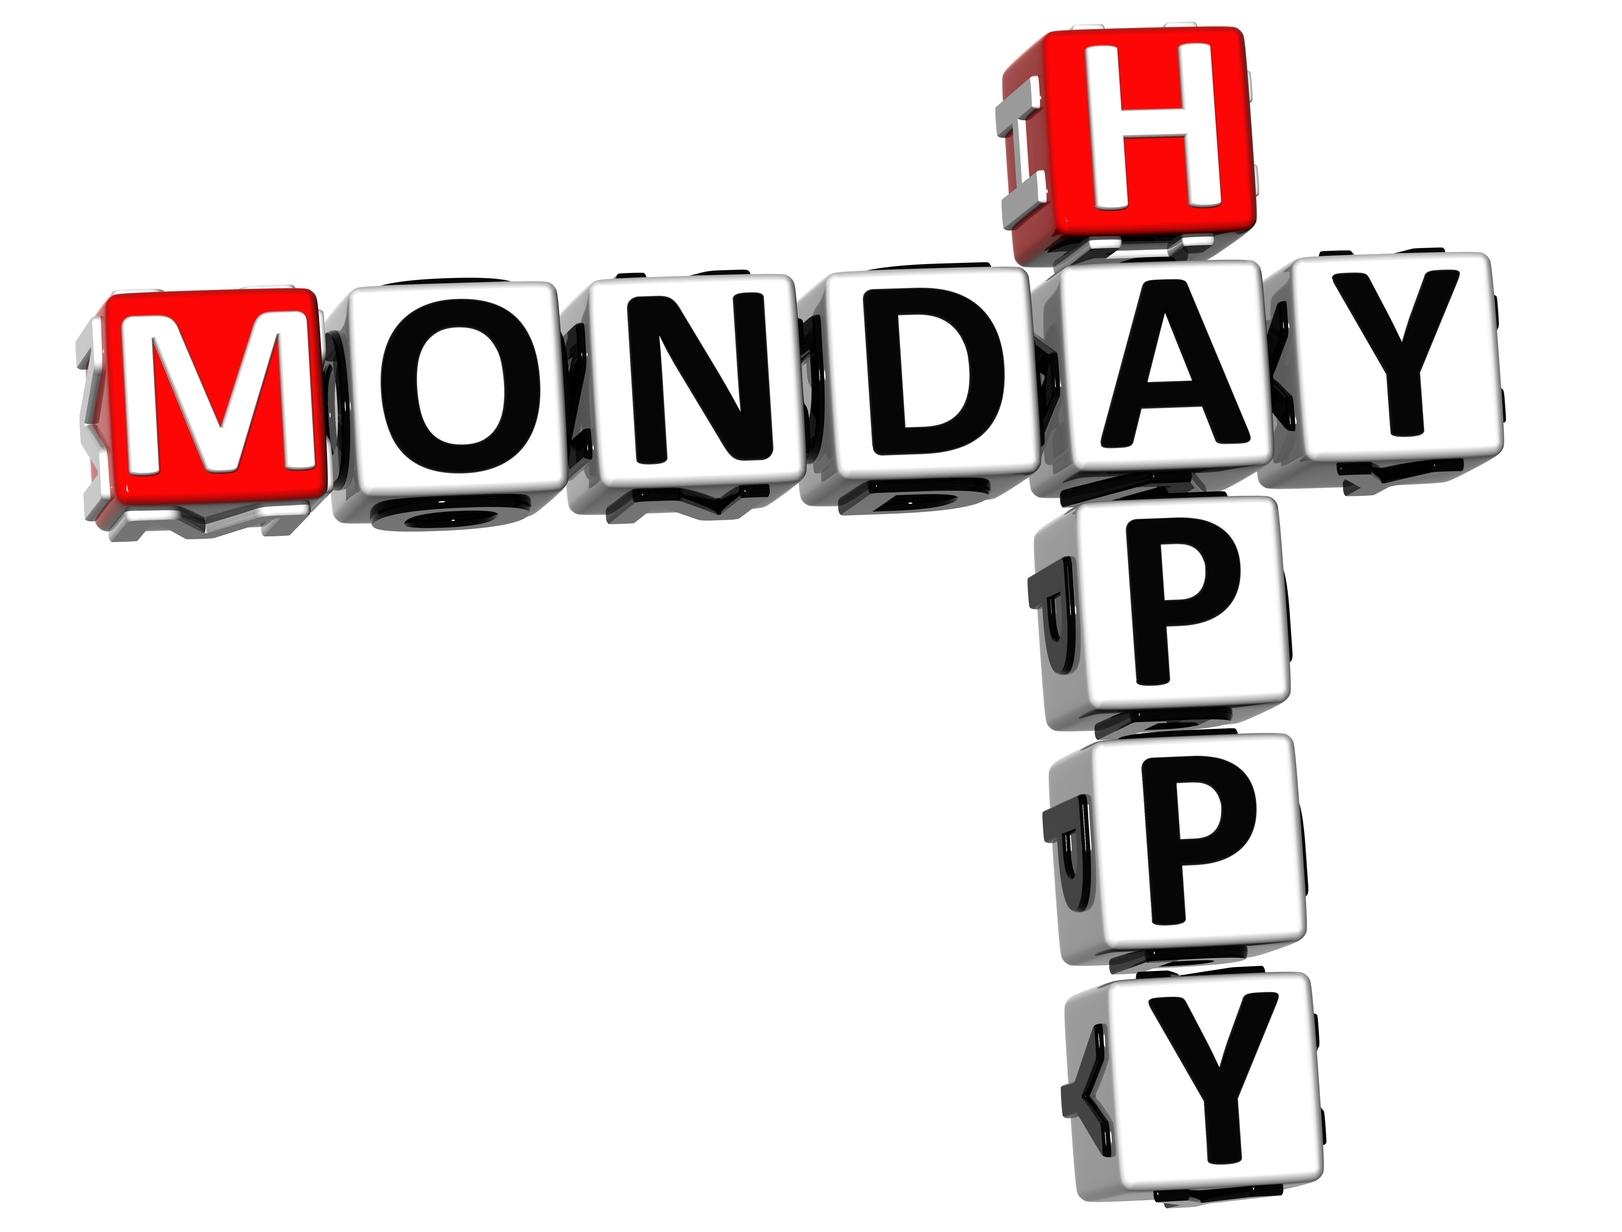 Happy Monday Clip Art - ClipArt Best